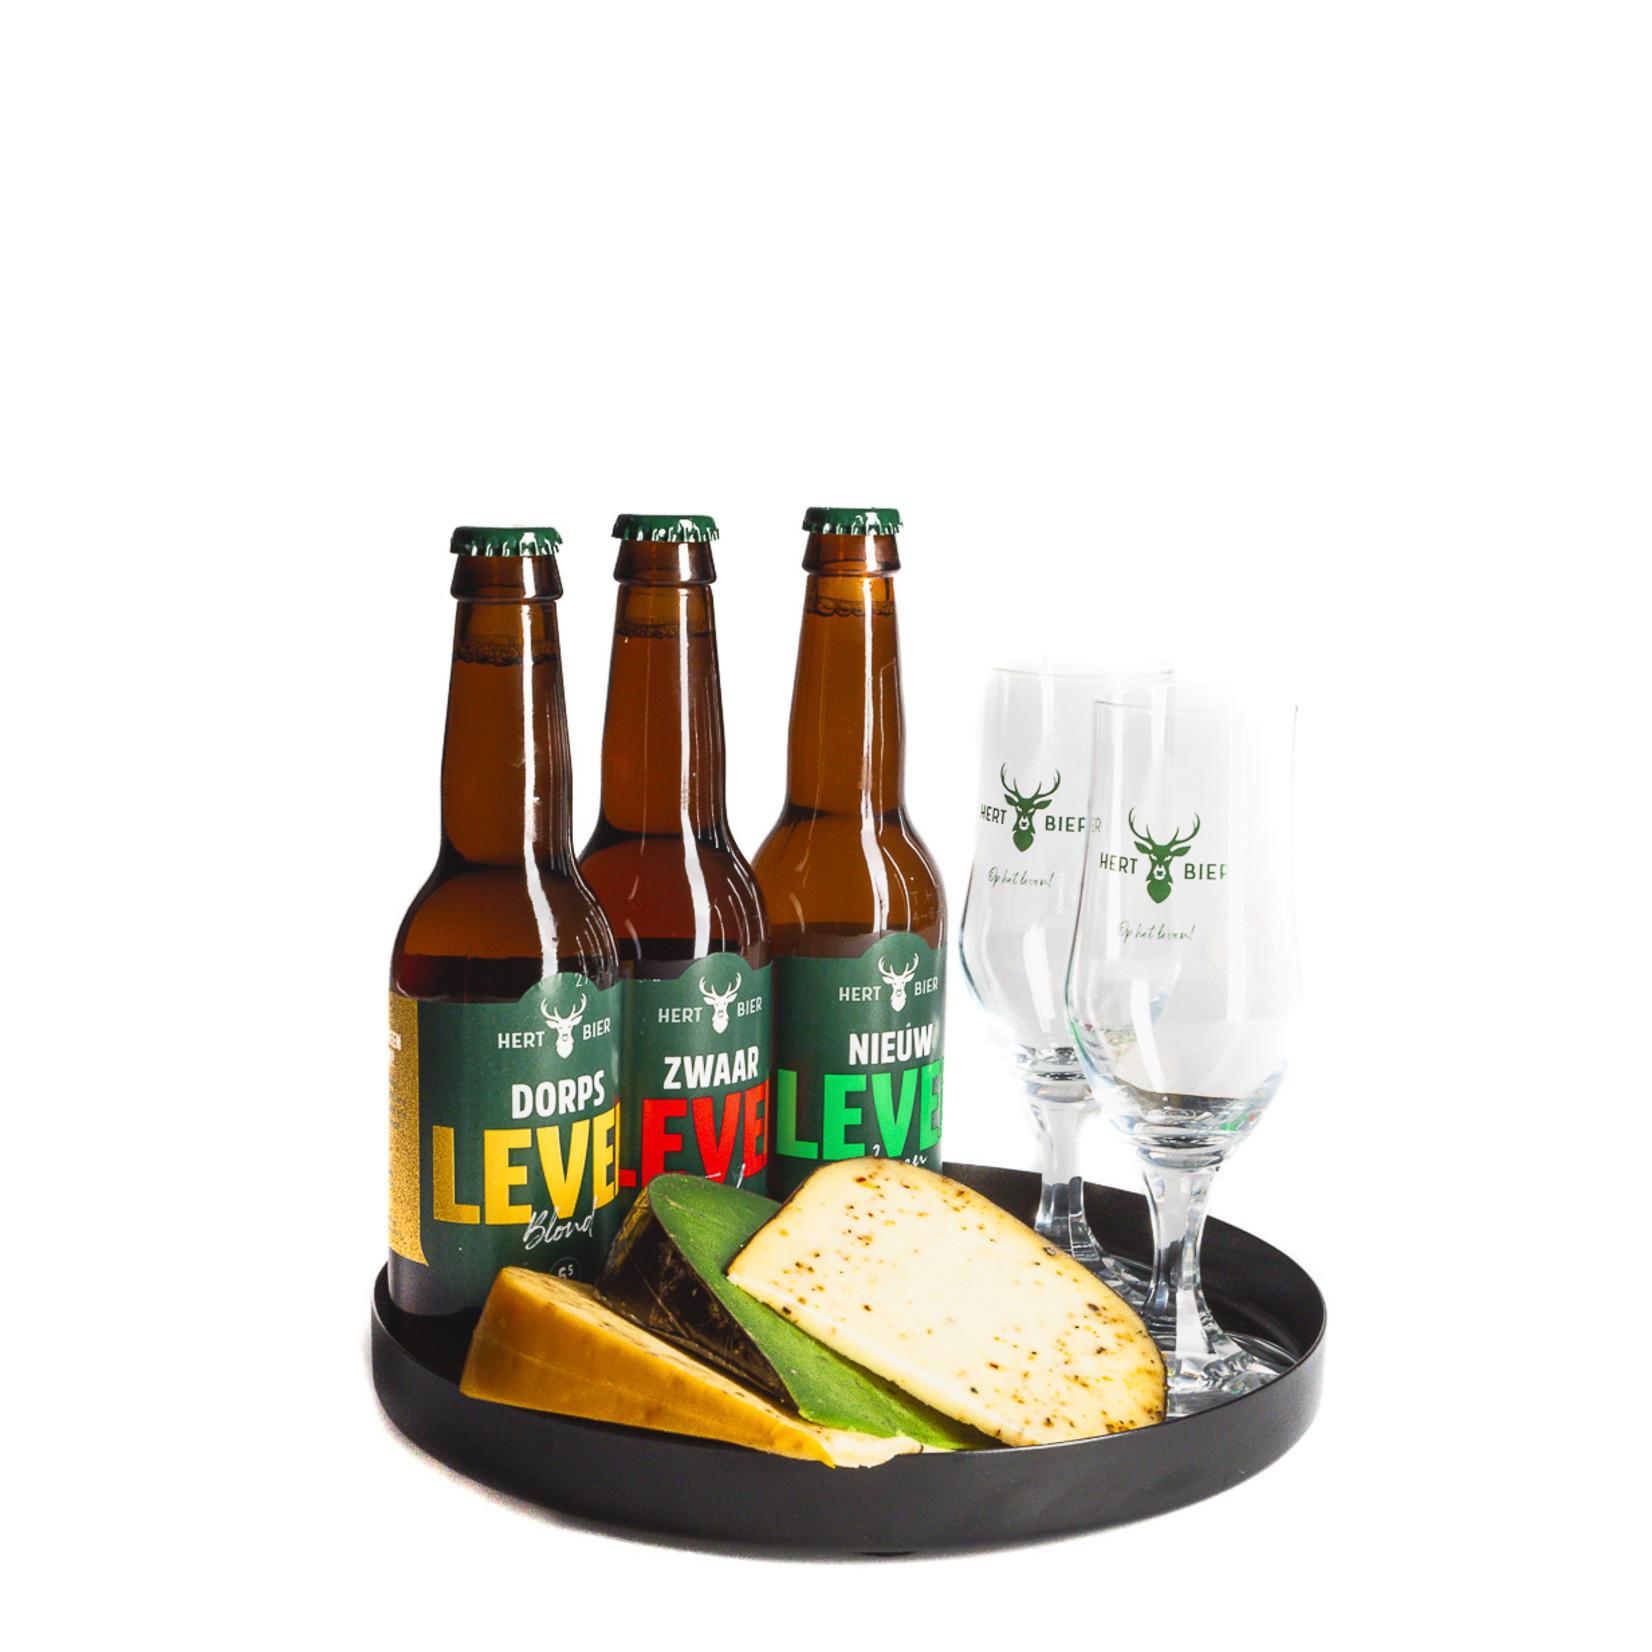 Hert Bier Say Cheese! Beers and bites proeverij